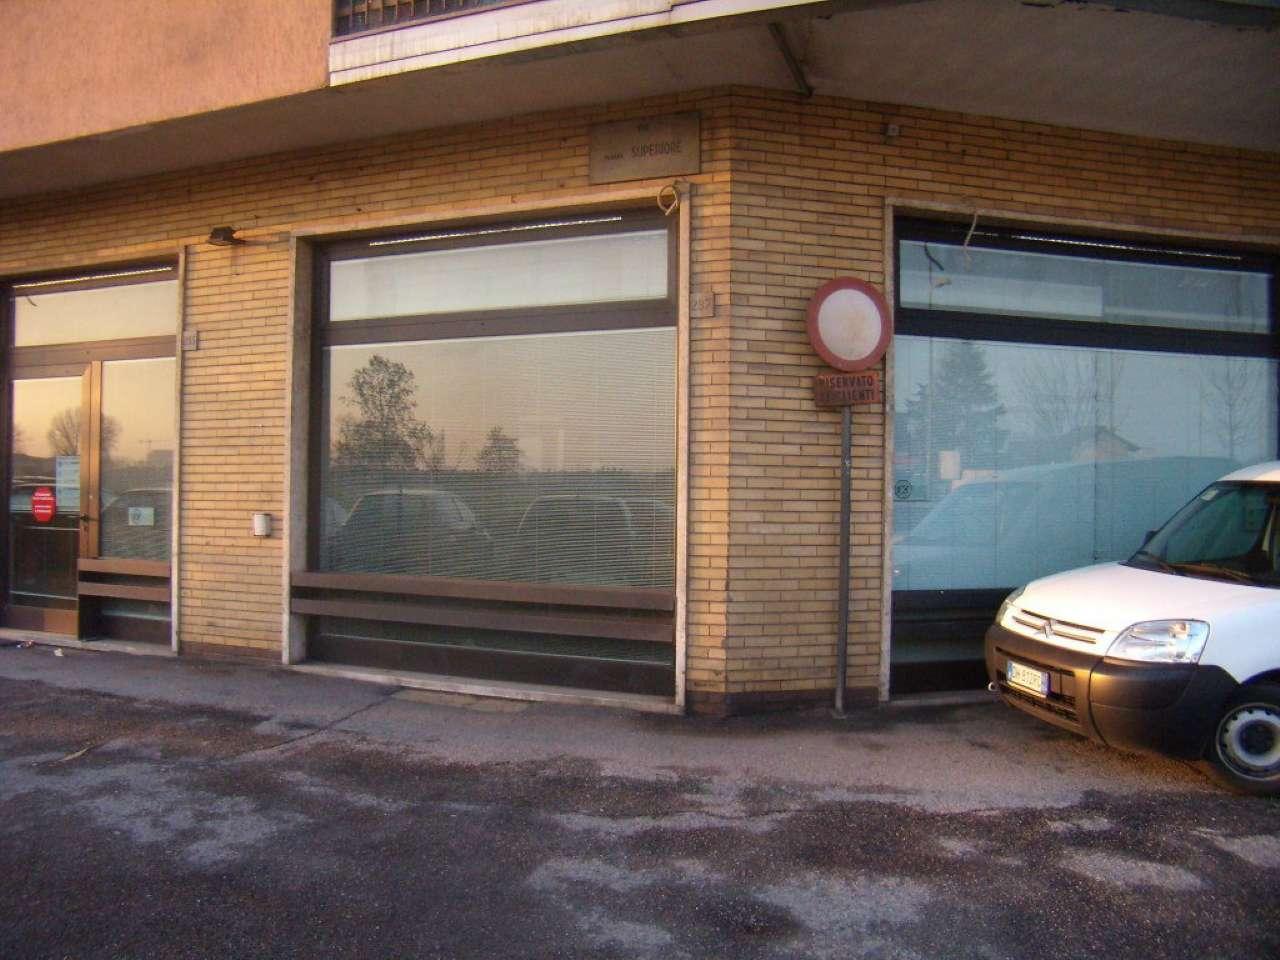 Ufficio-studio in Vendita a Vimodrone: 5 locali, 280 mq